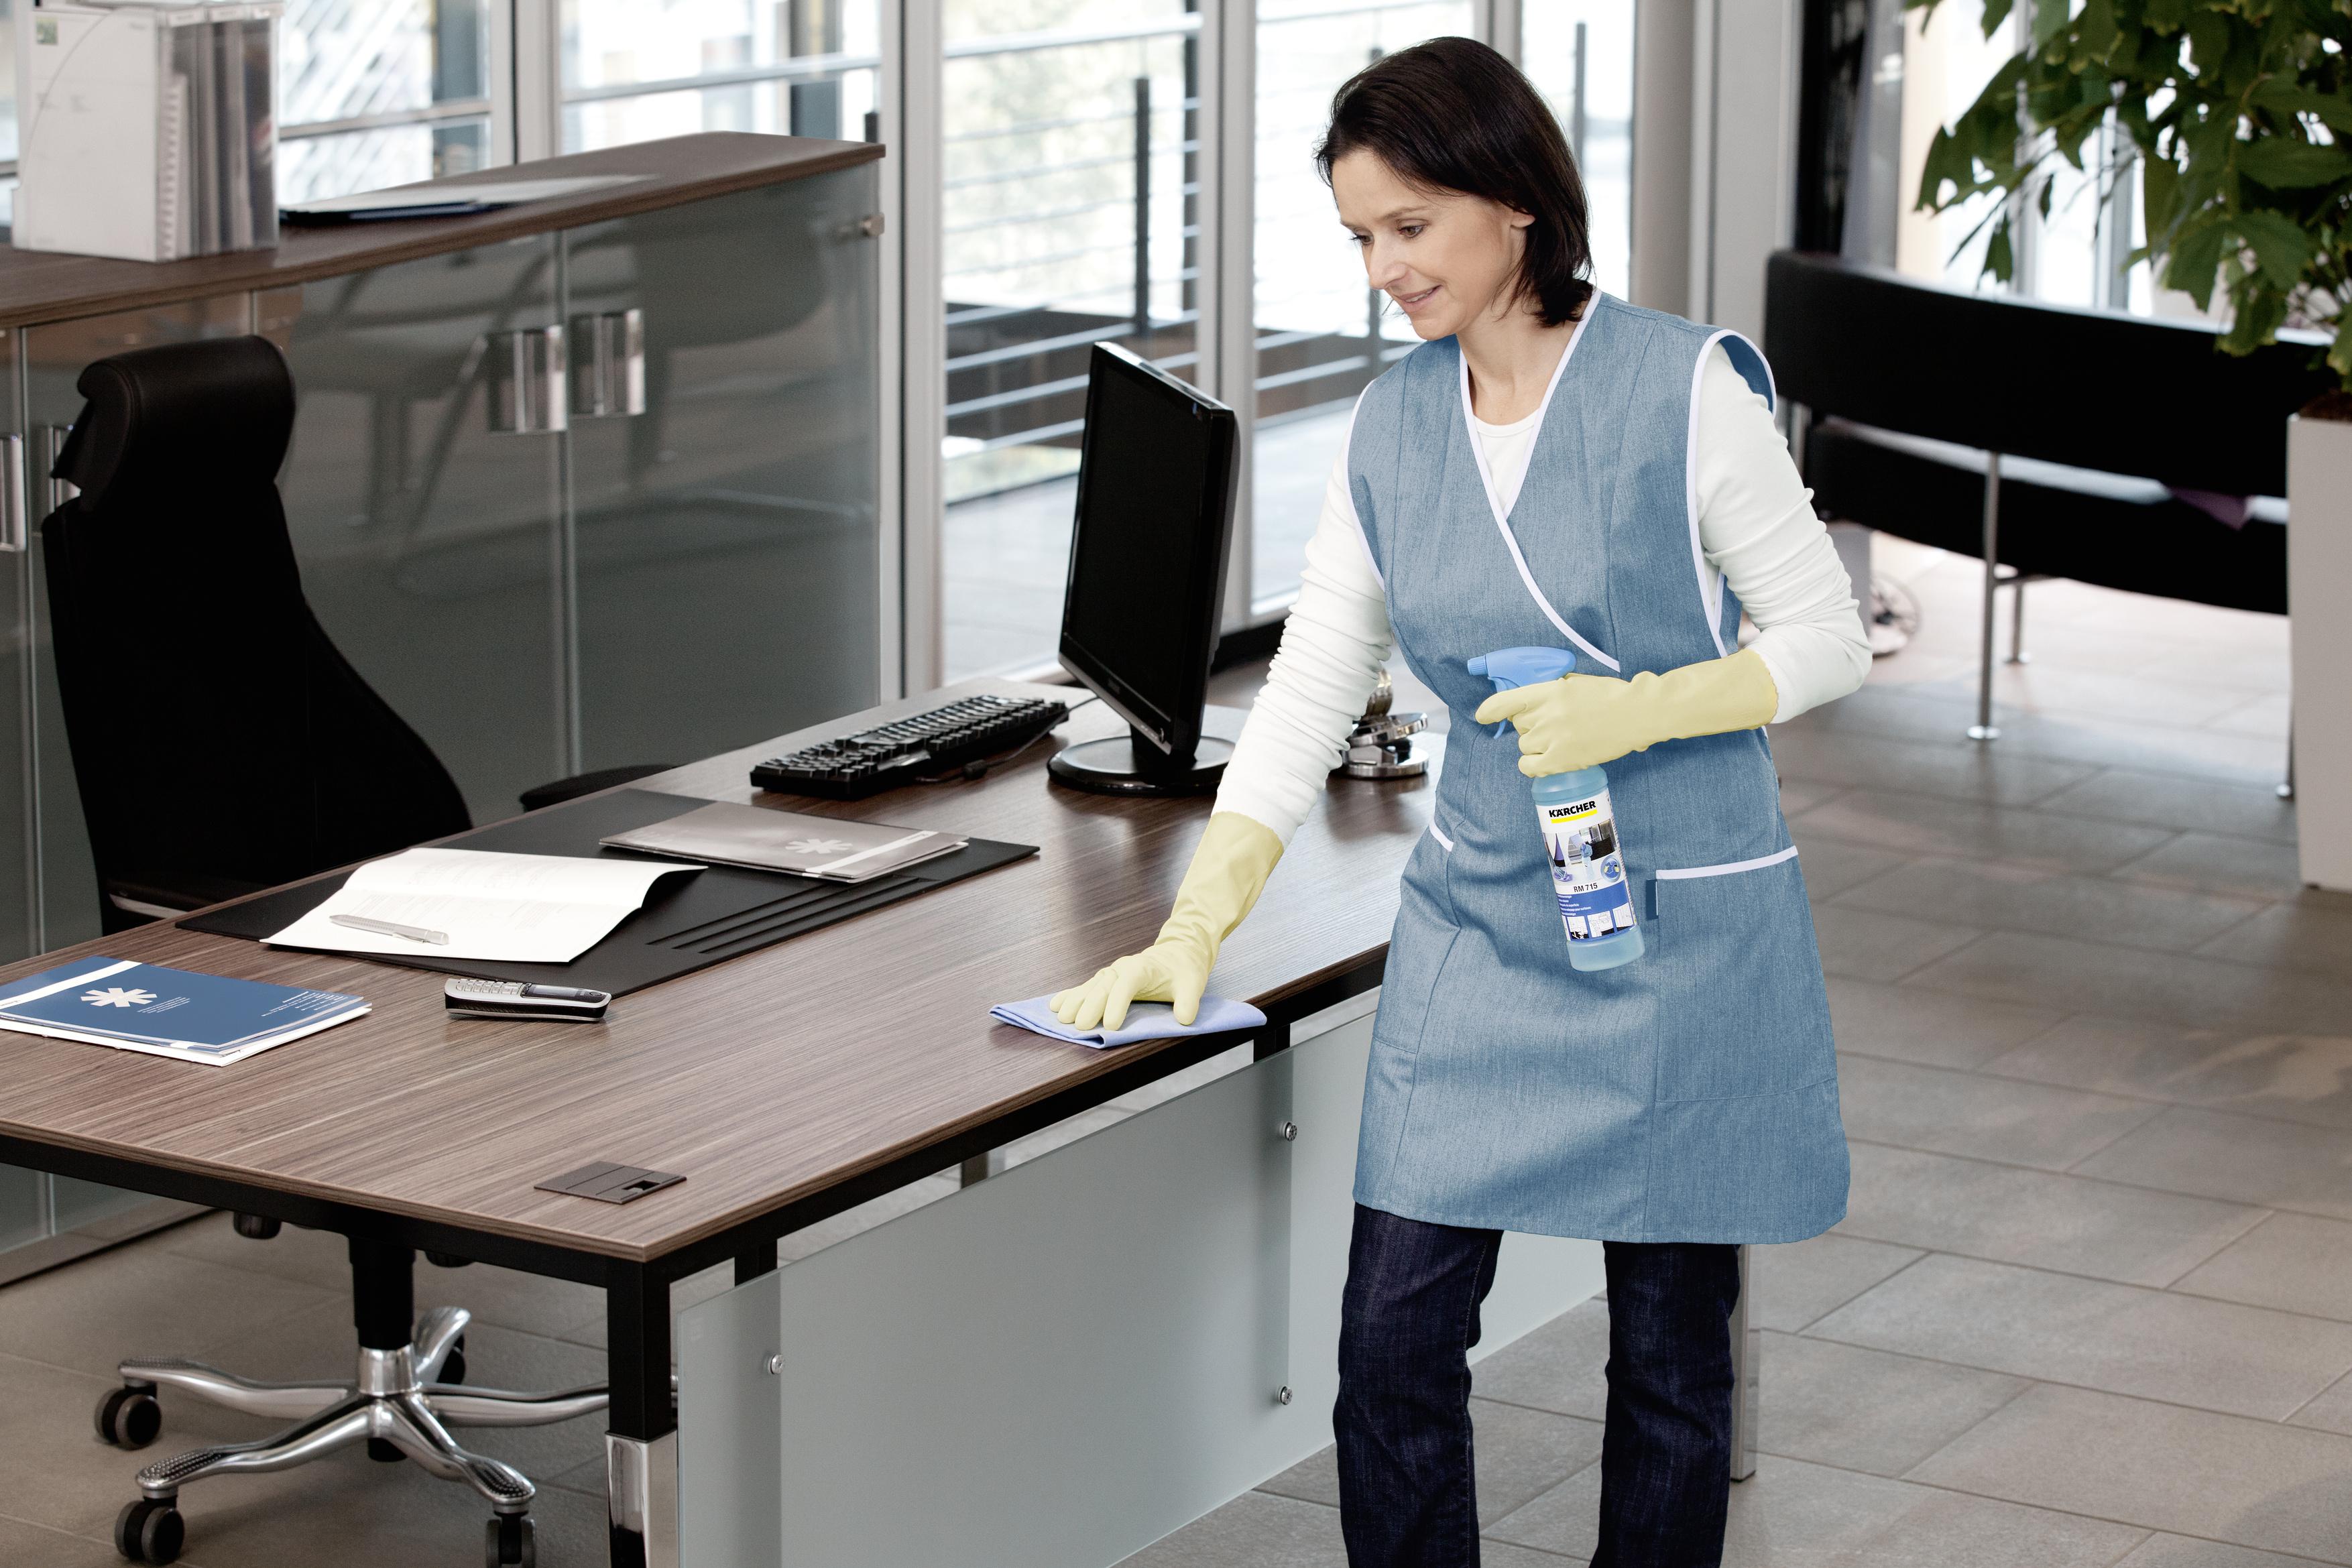 Hygienische Oberflächenreinigung mit der Tuchfaltmethode